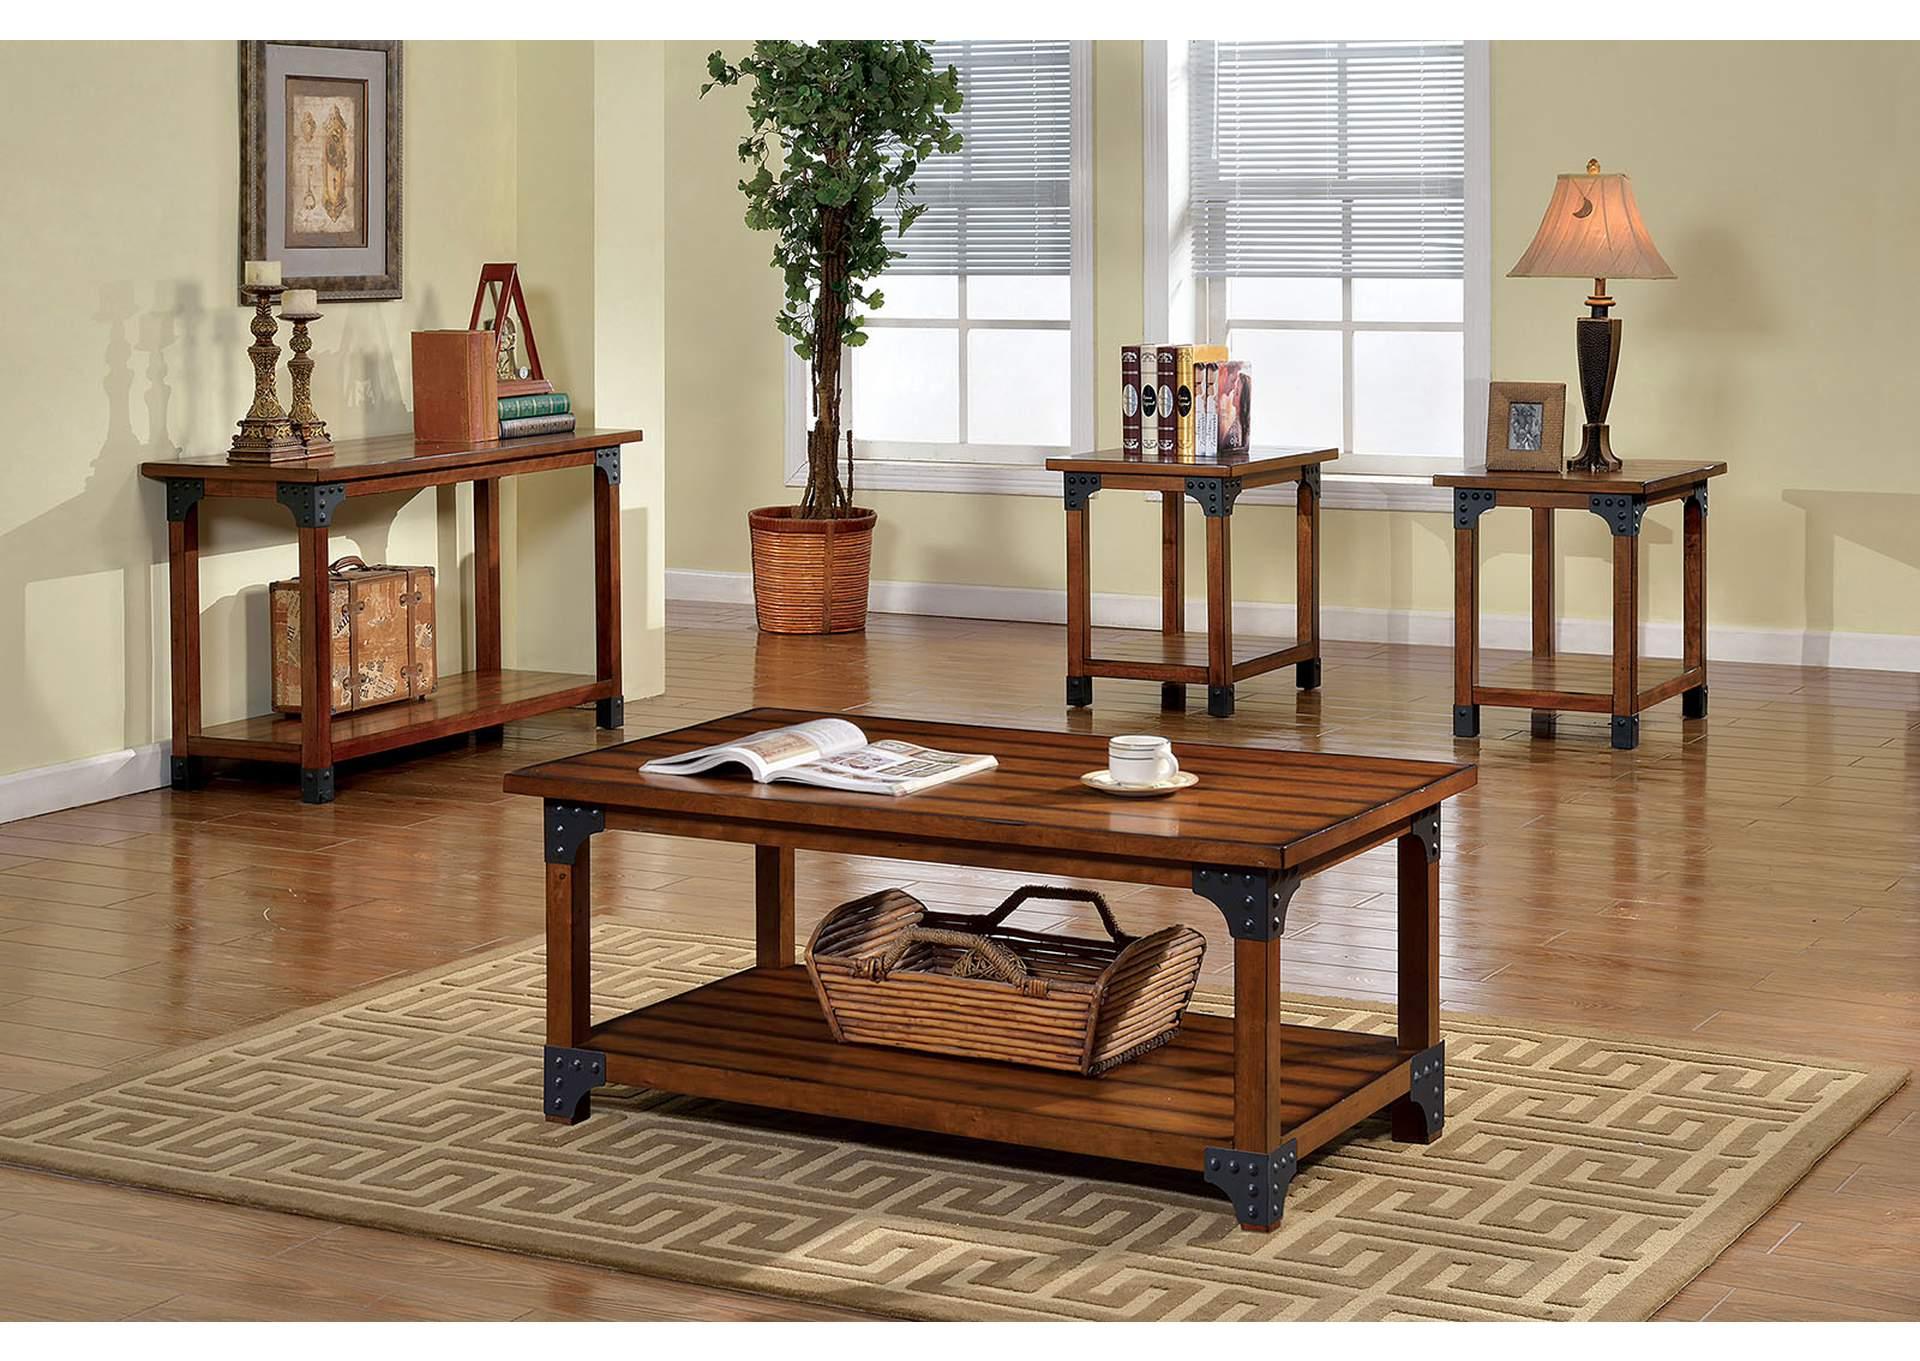 Bozeman Antique Oak Finish 3 Piece Table Set (Coffee U0026 2 End),Furniture